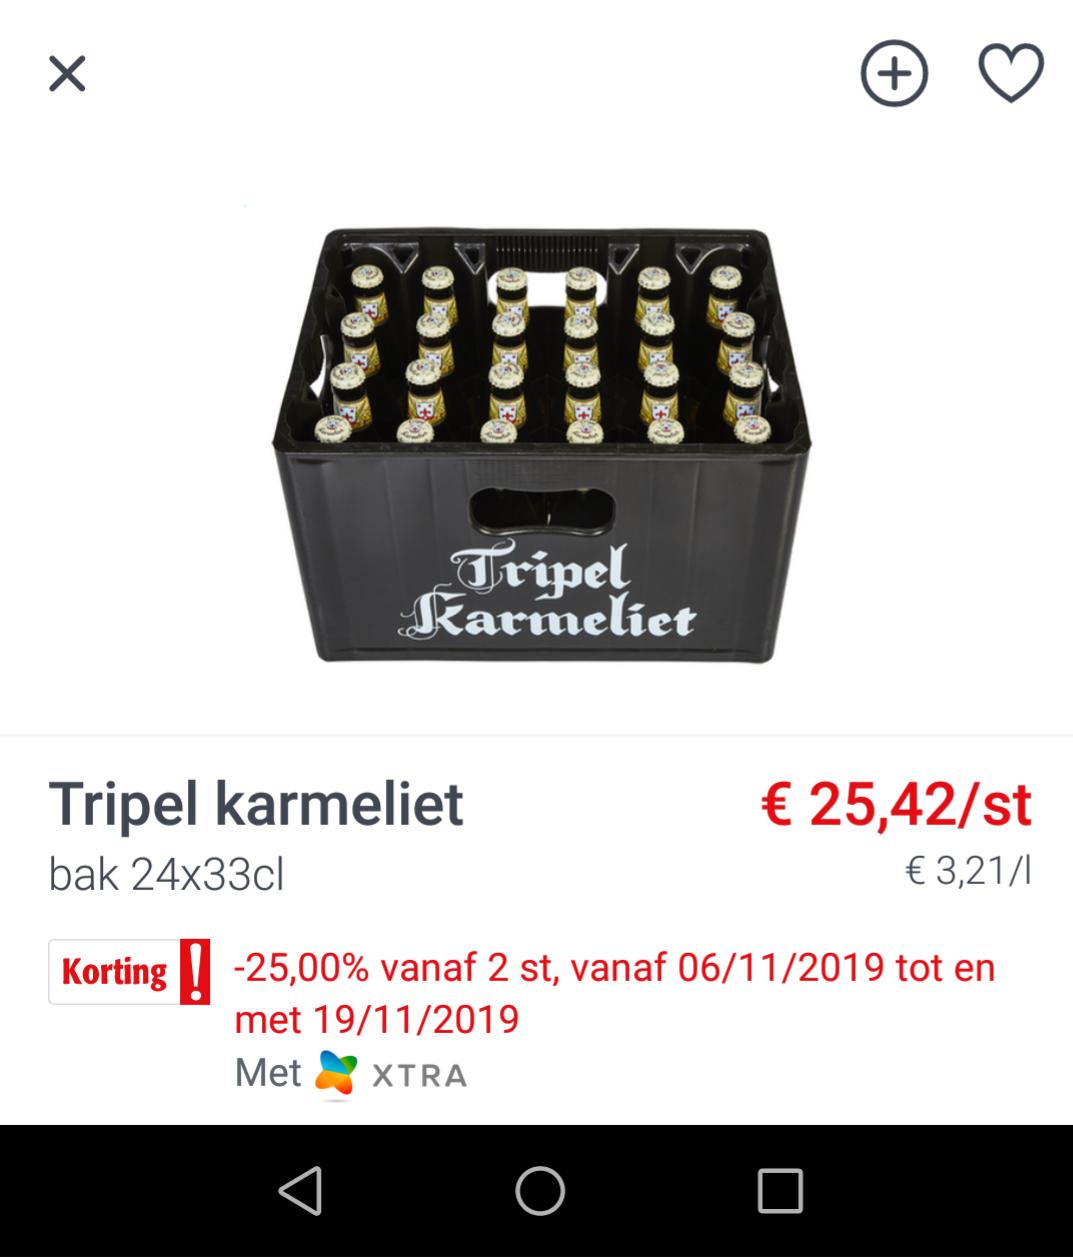 [Grensdeal België] Karmeliet voor €0,76 per flesje (bij aankoop 48 stuks)